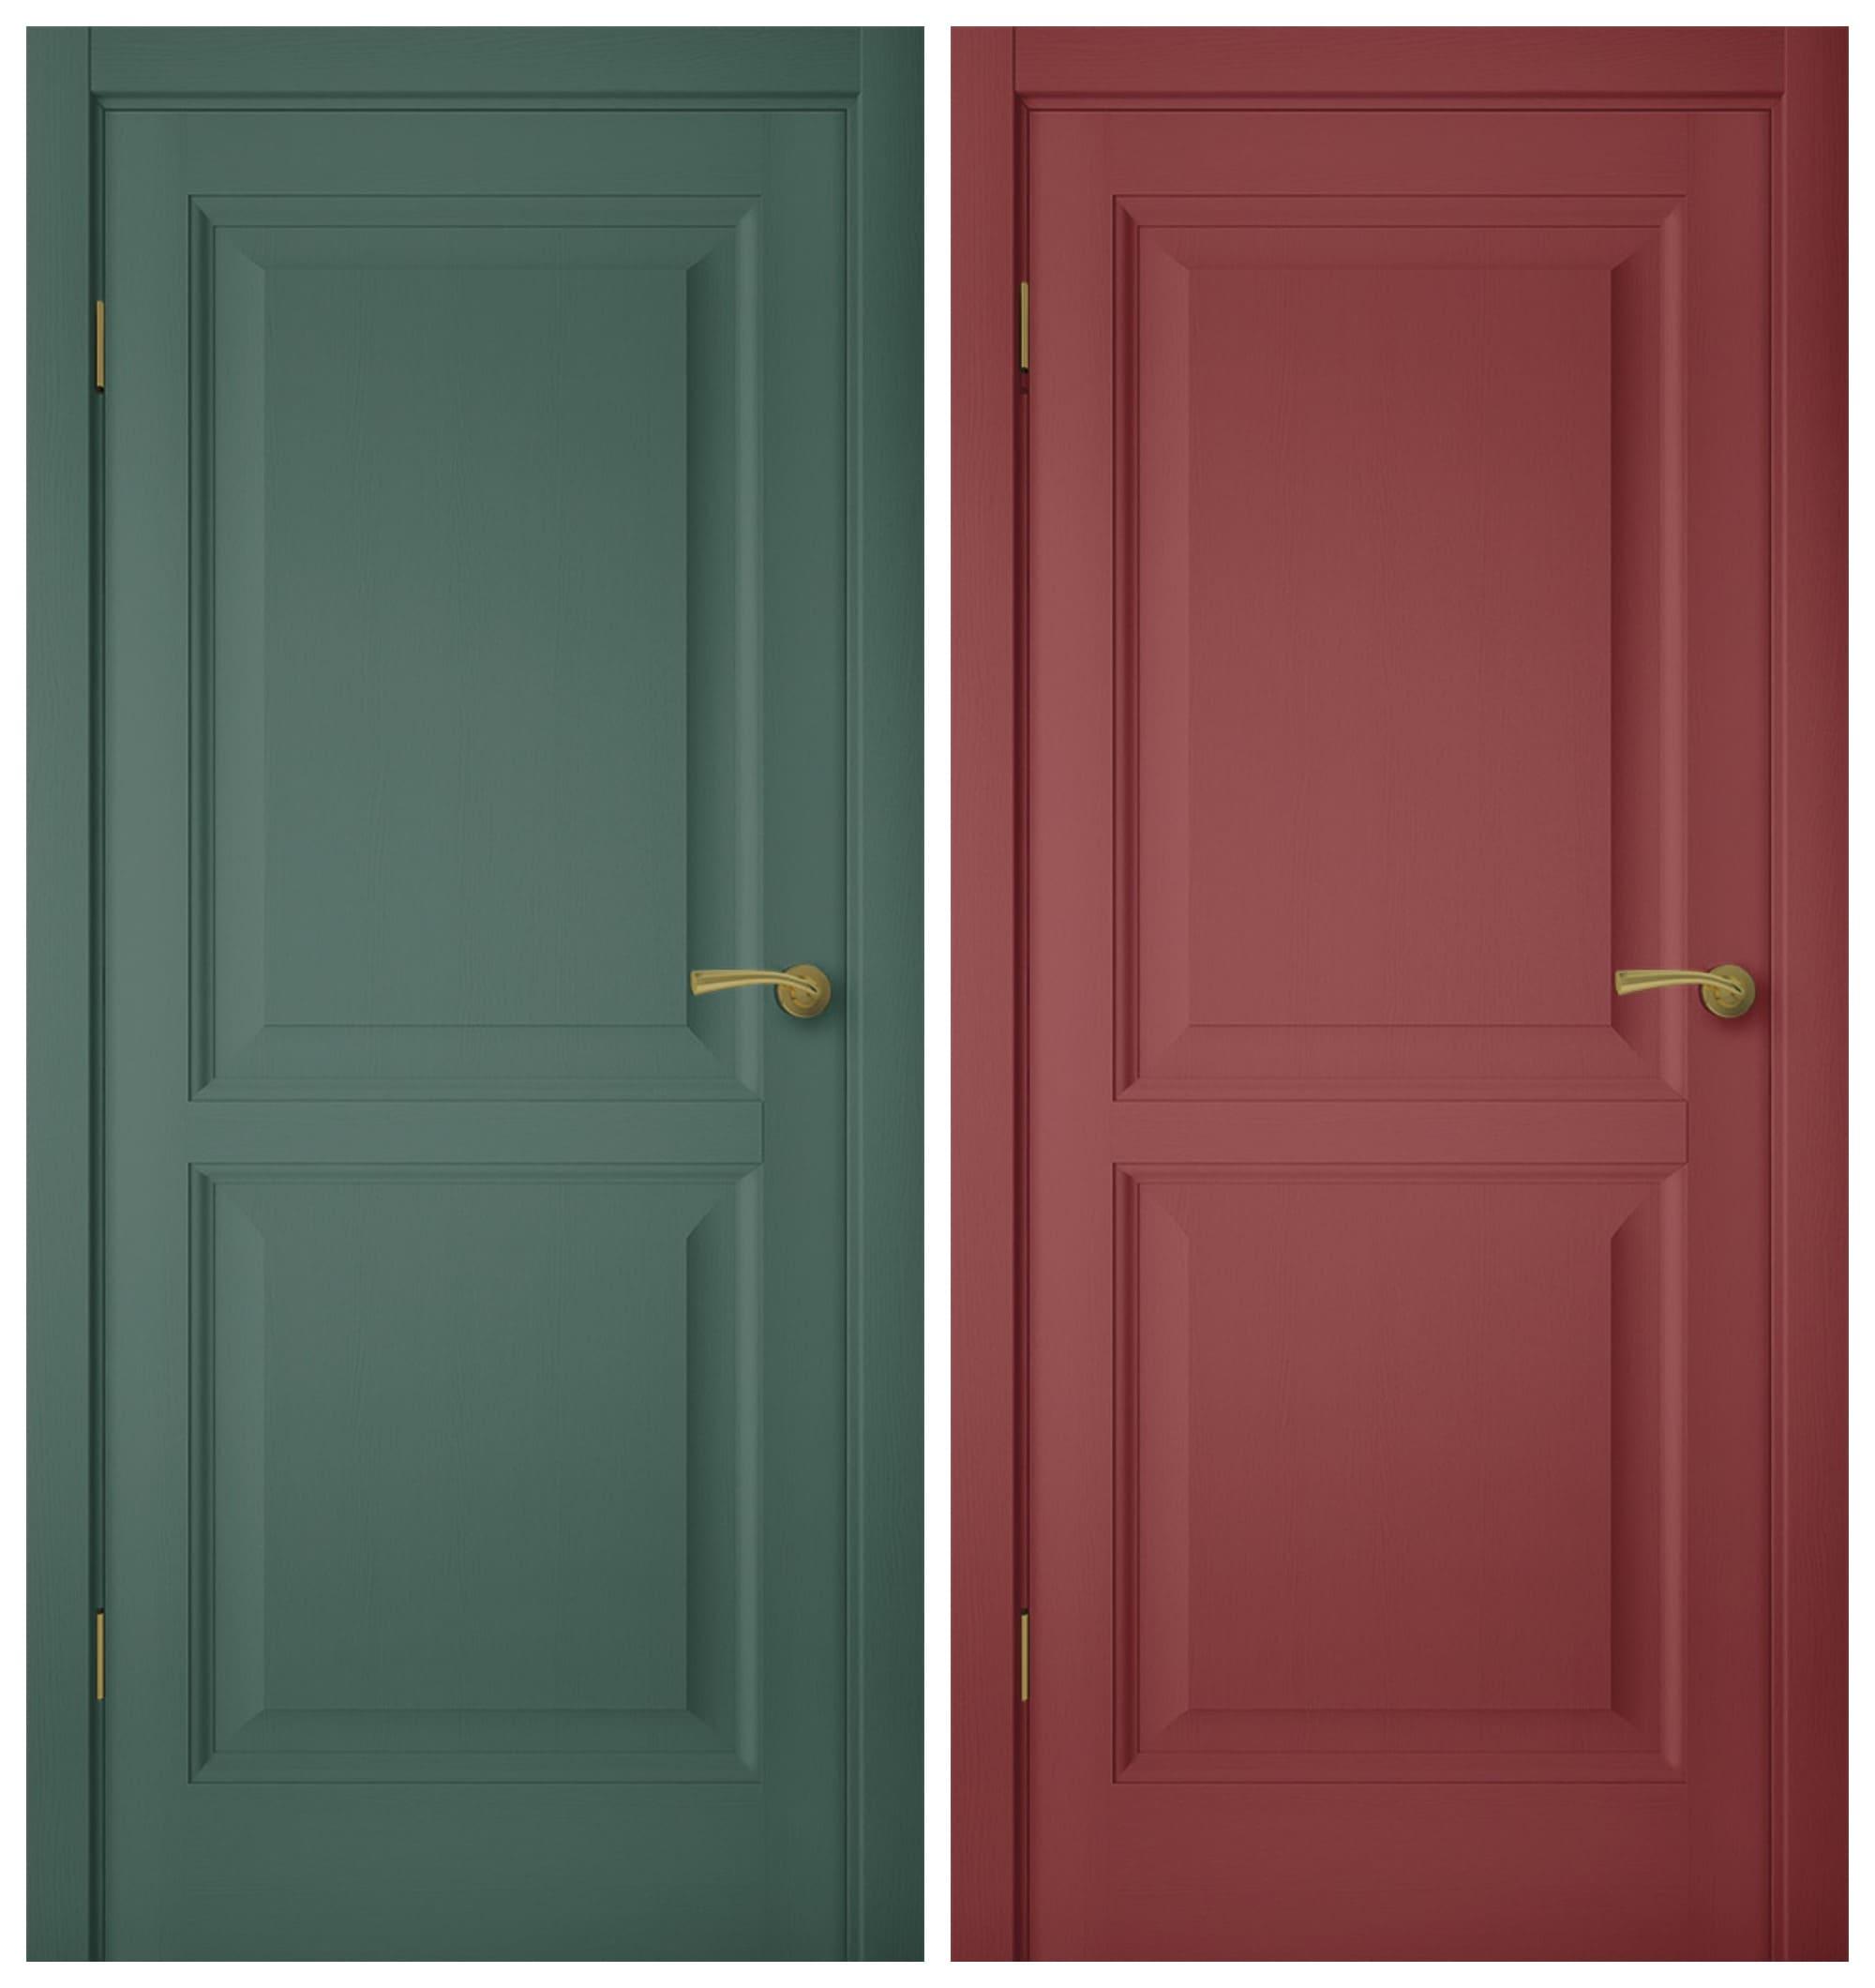 portes intérieures photo 23